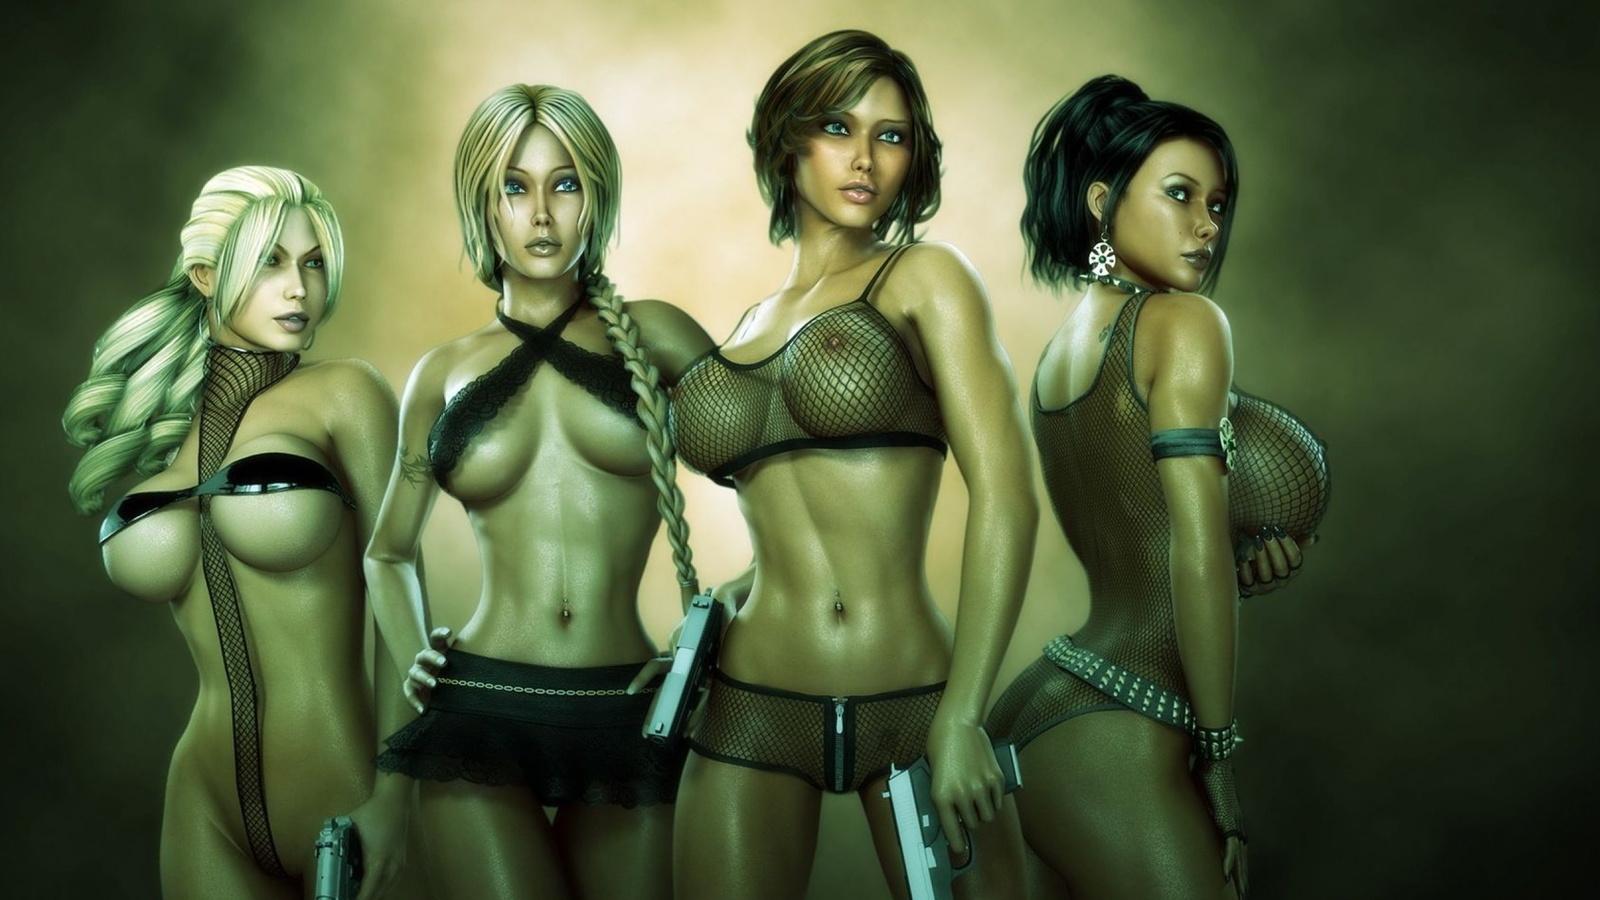 temi-dlya-seksualnih-igr